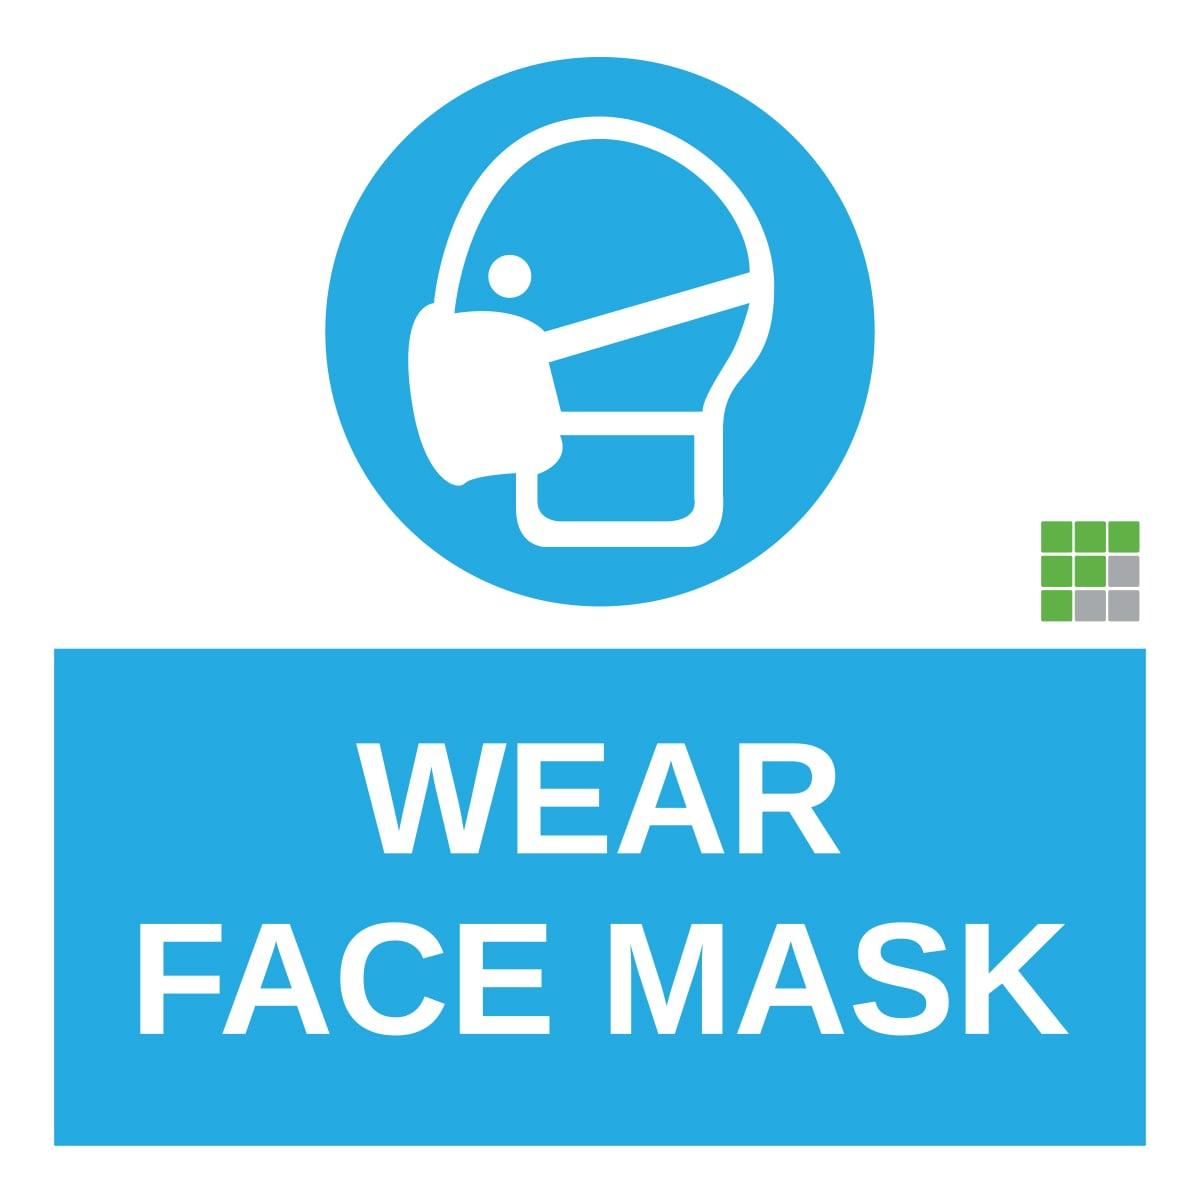 wear a mask - 1x1ft.jpg